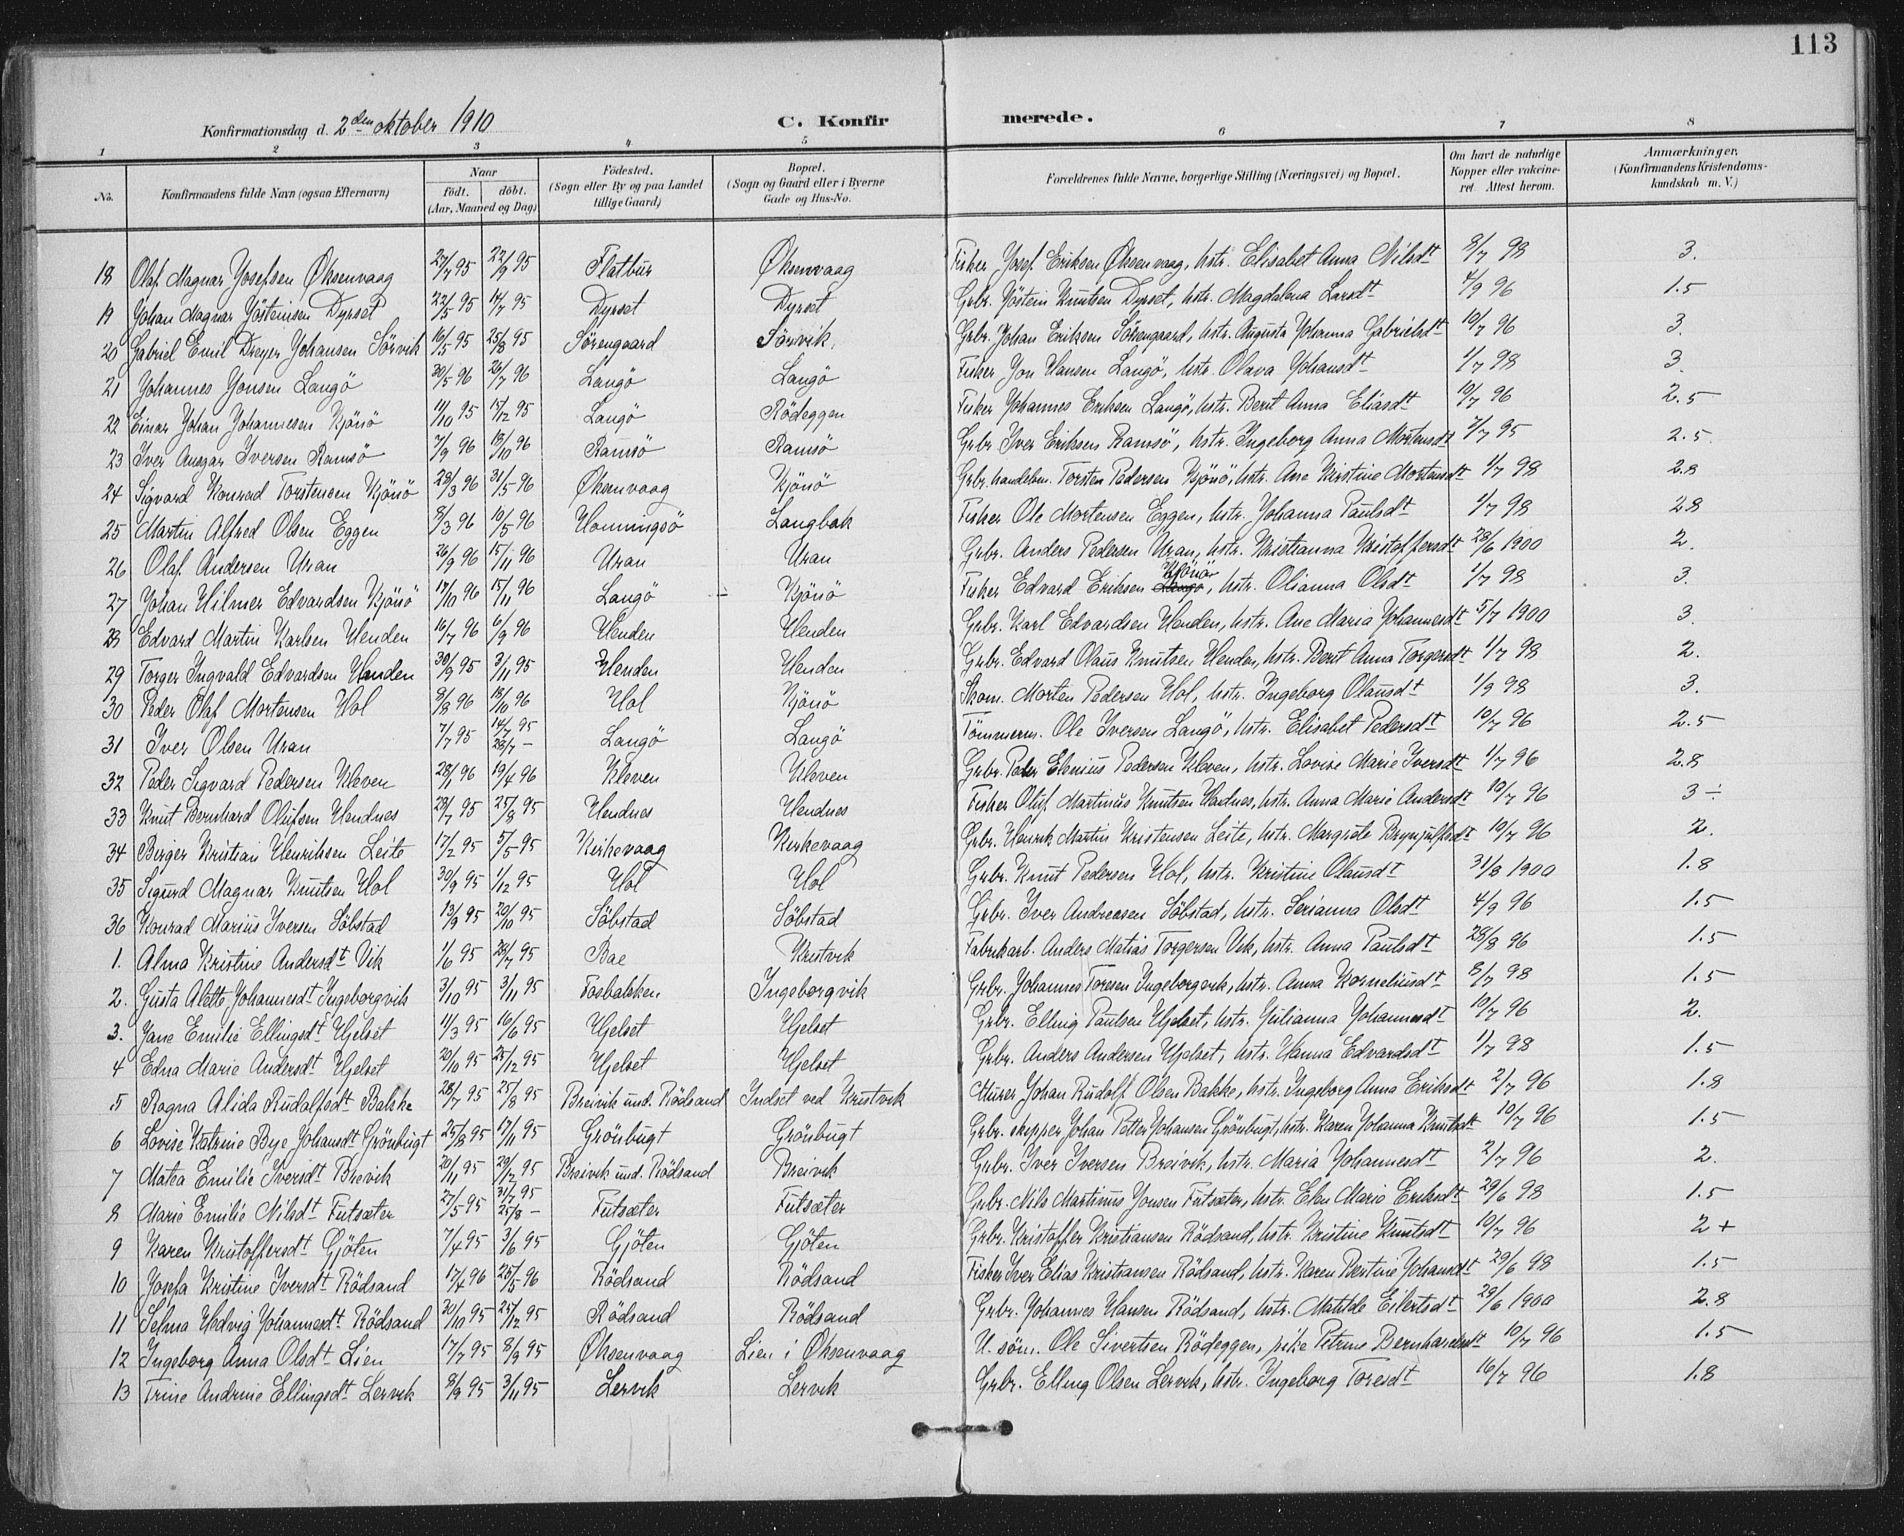 SAT, Ministerialprotokoller, klokkerbøker og fødselsregistre - Møre og Romsdal, 569/L0820: Ministerialbok nr. 569A06, 1900-1911, s. 113